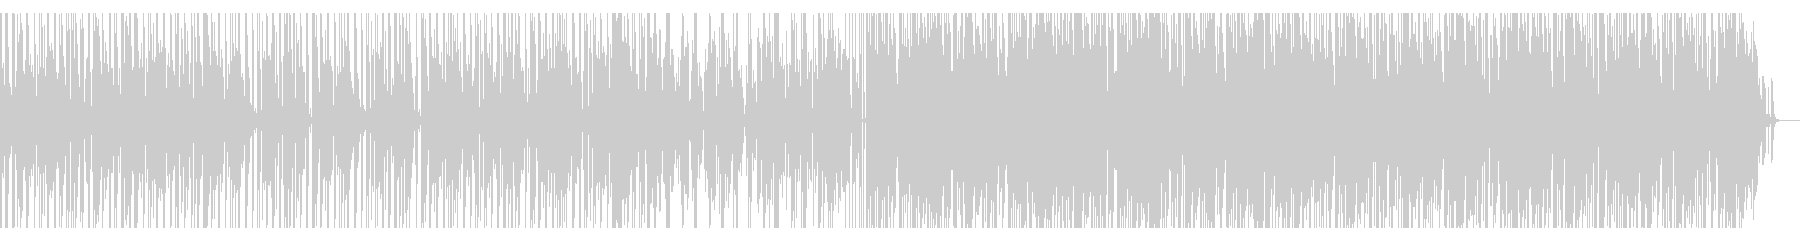 【短いVer3】70年代ファンクロック風の未再生の波形